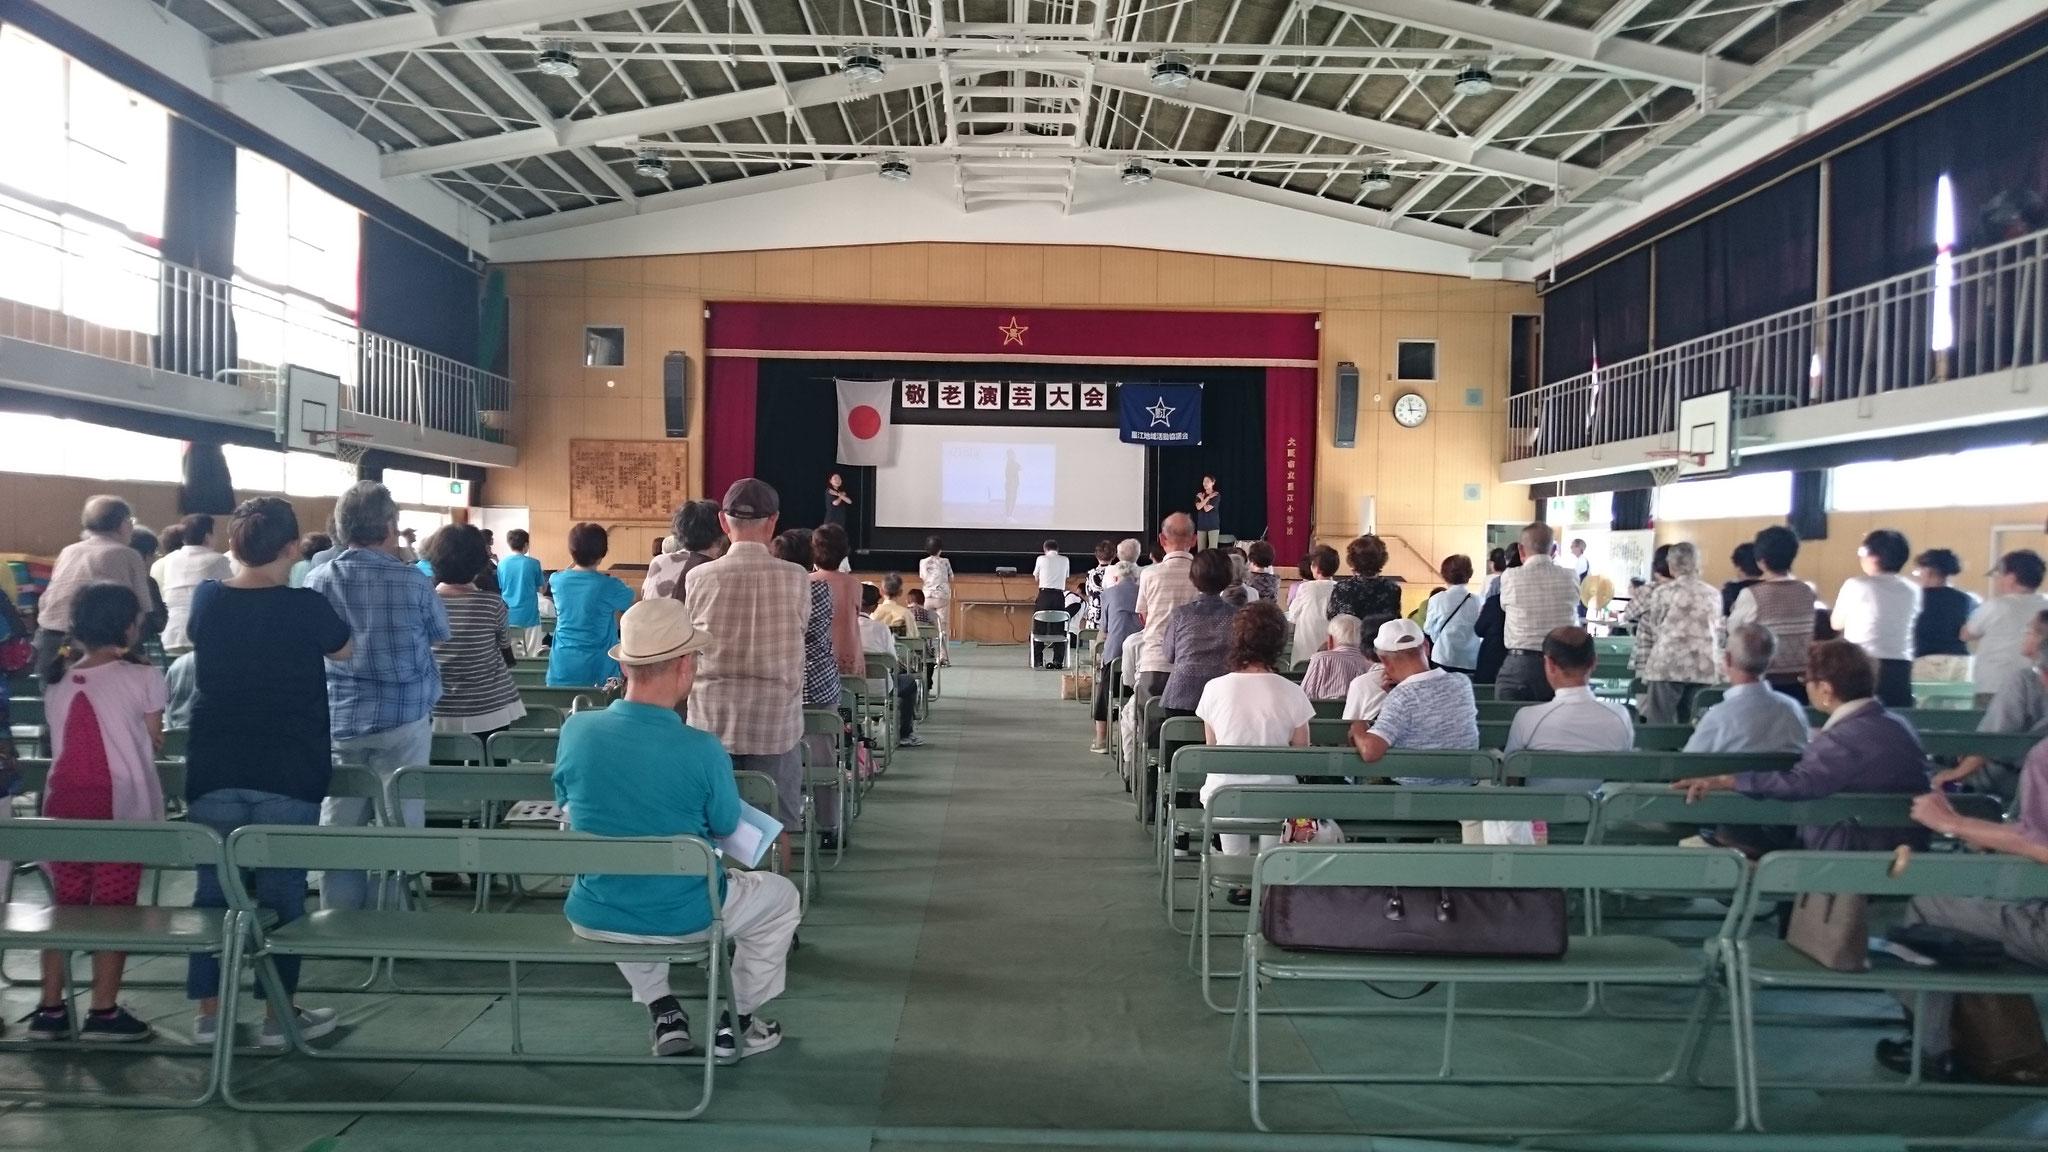 保健福祉センター いきいき百歳体操 2